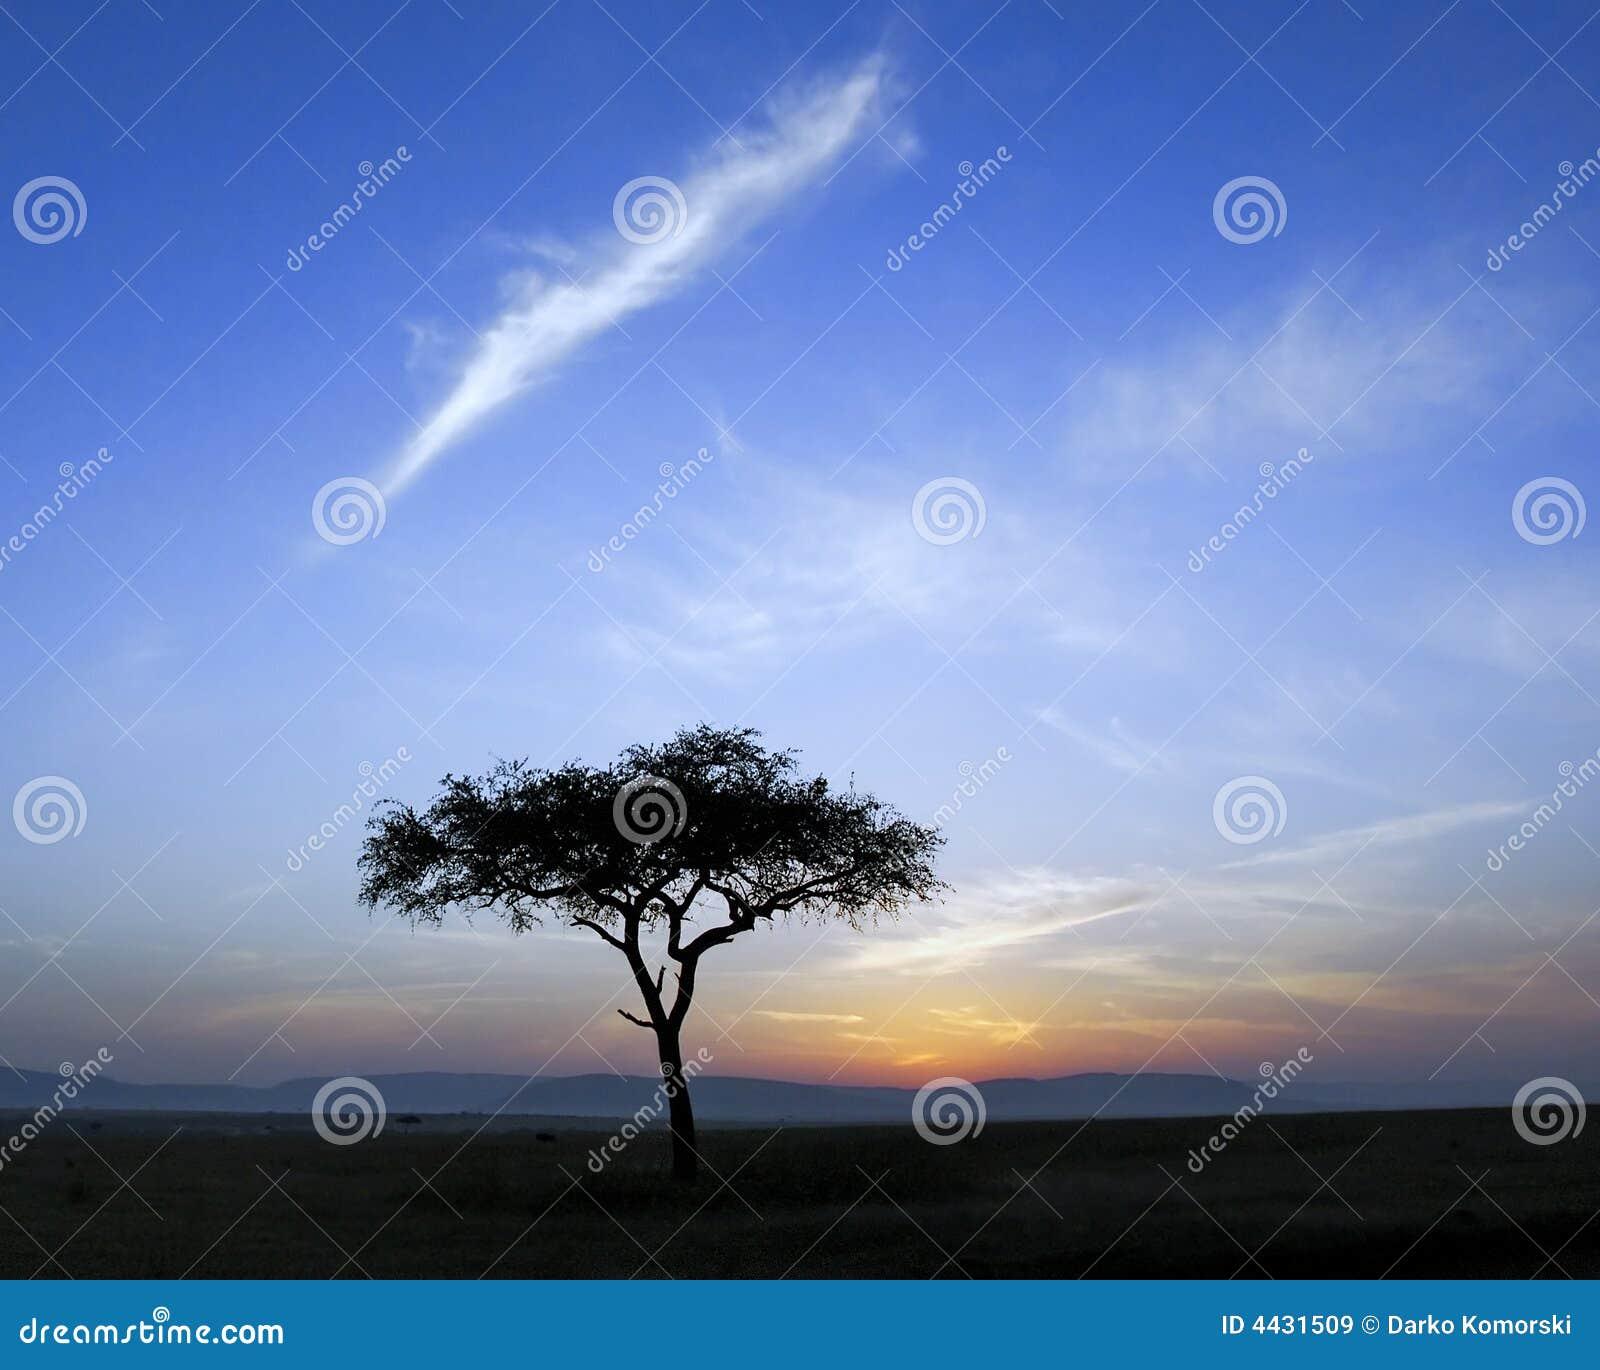 Single acacia tree and sunrise